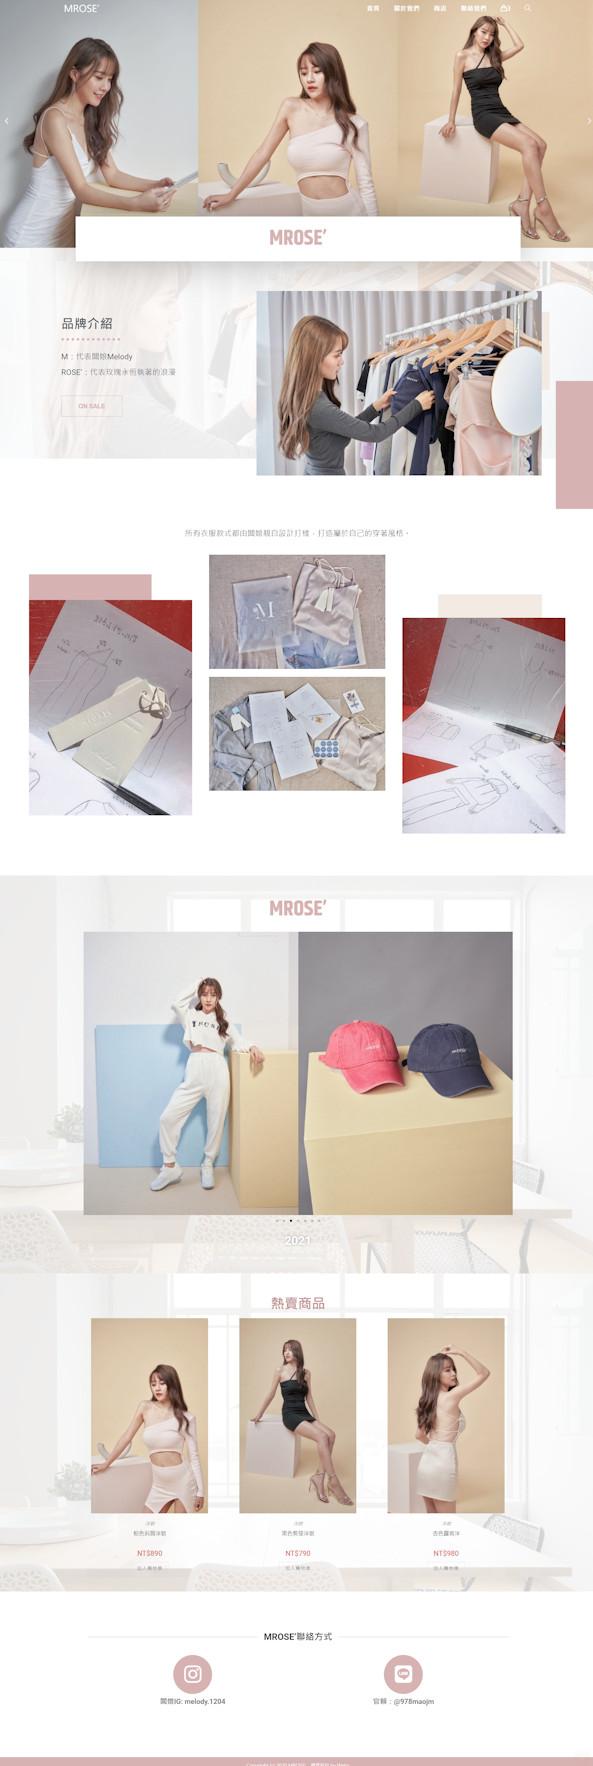 網頁設計-流行服飾2